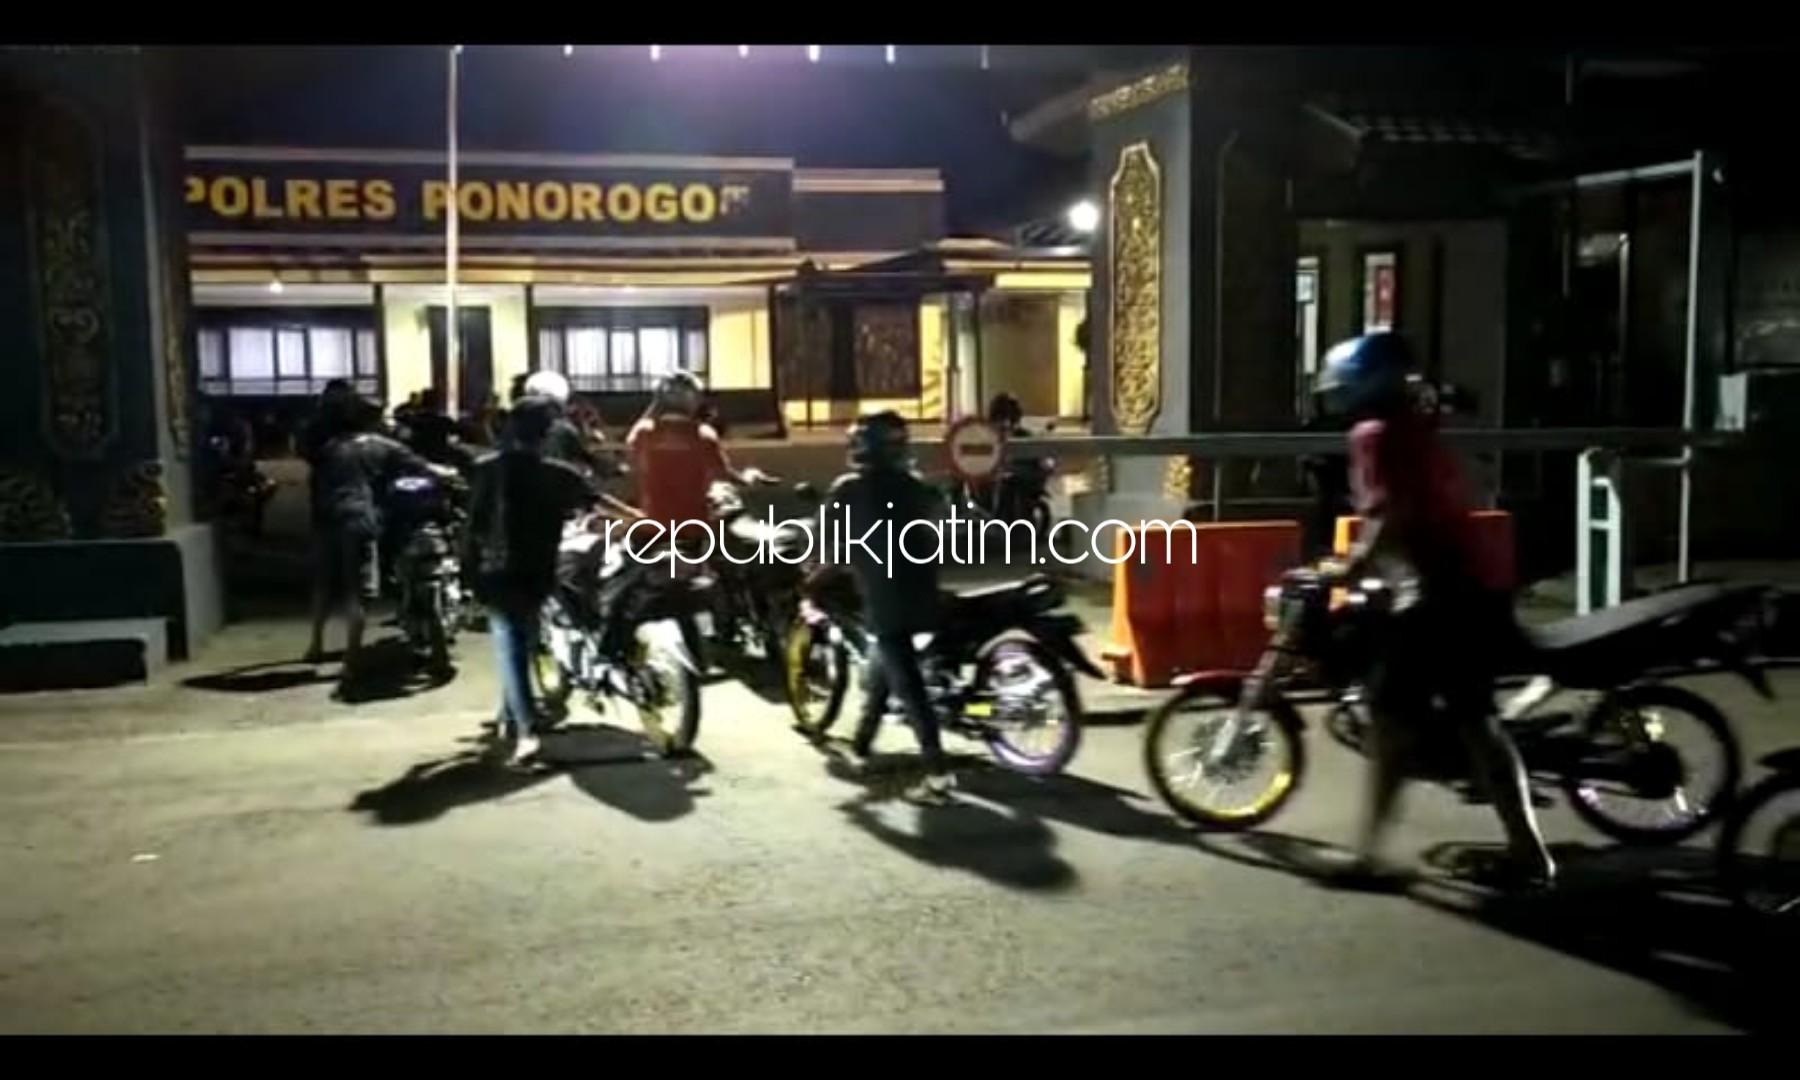 Polres Ponorogo Grebek Arena Balap Liar, 36 Pemilik Motor Diminta Dorong Motornya